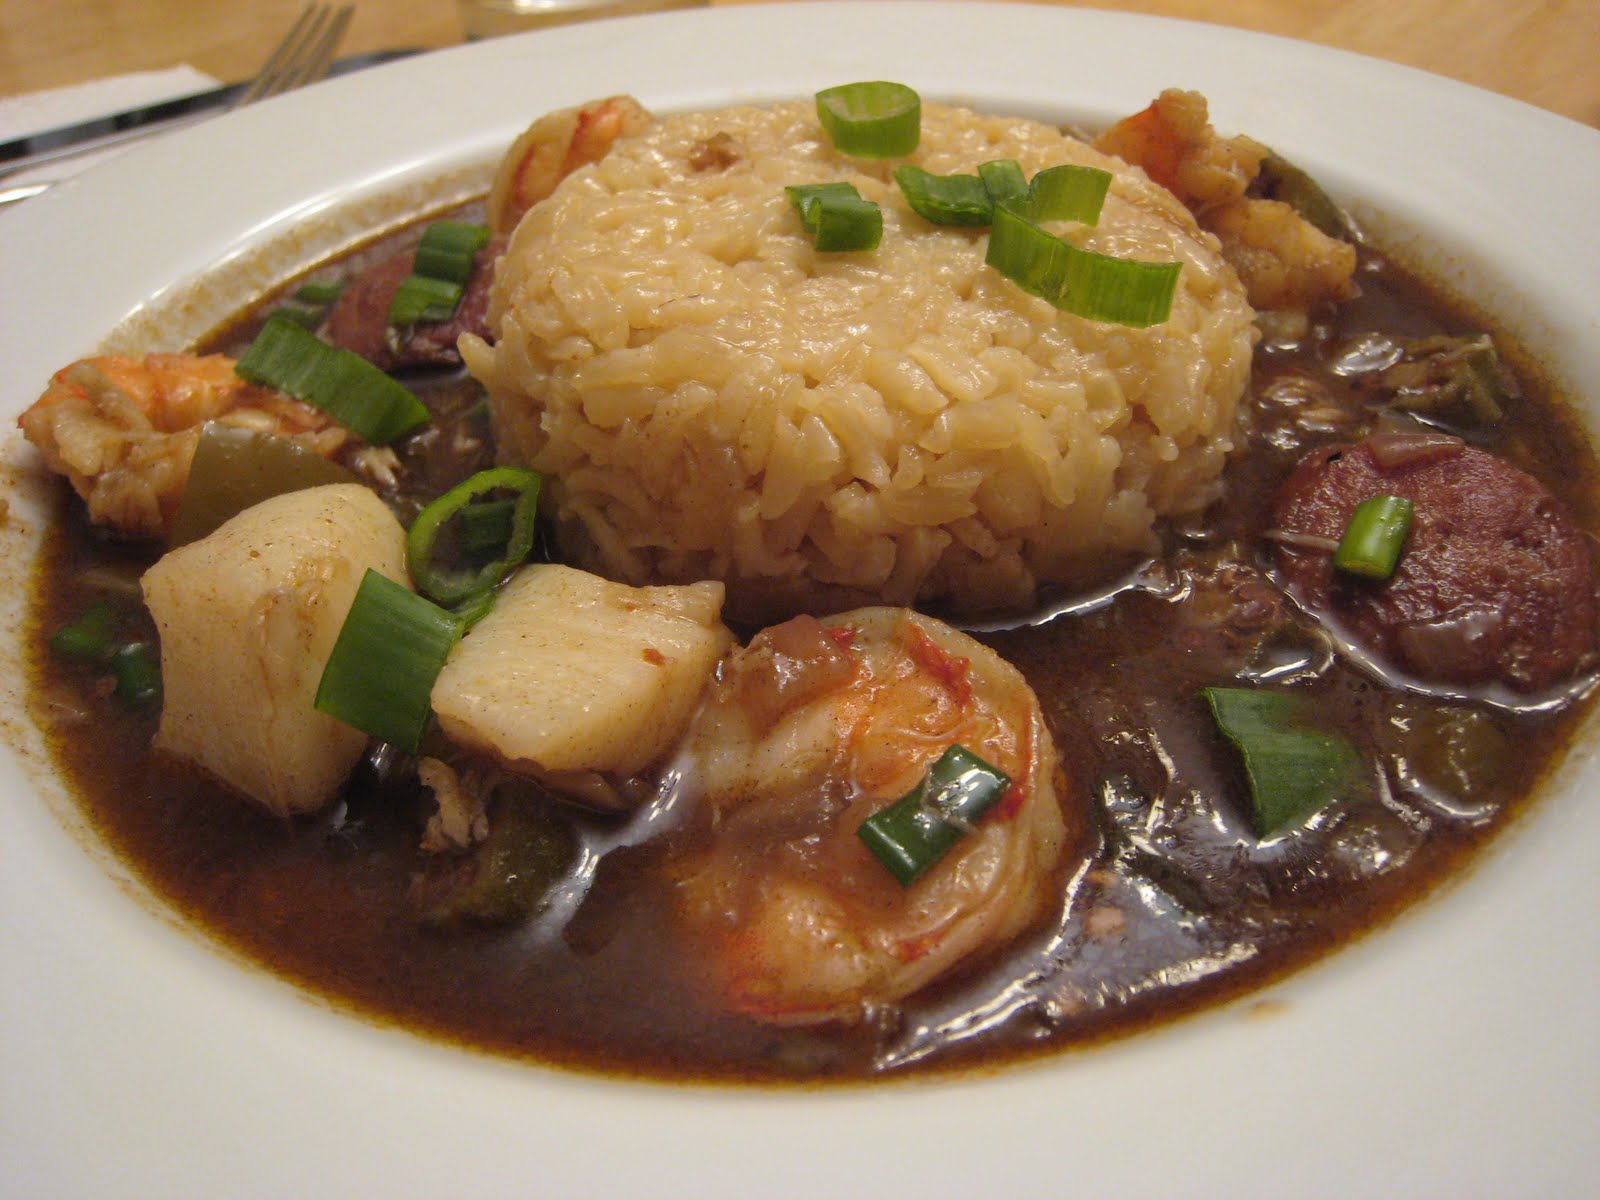 The Garlic Press Seafood Gumbo